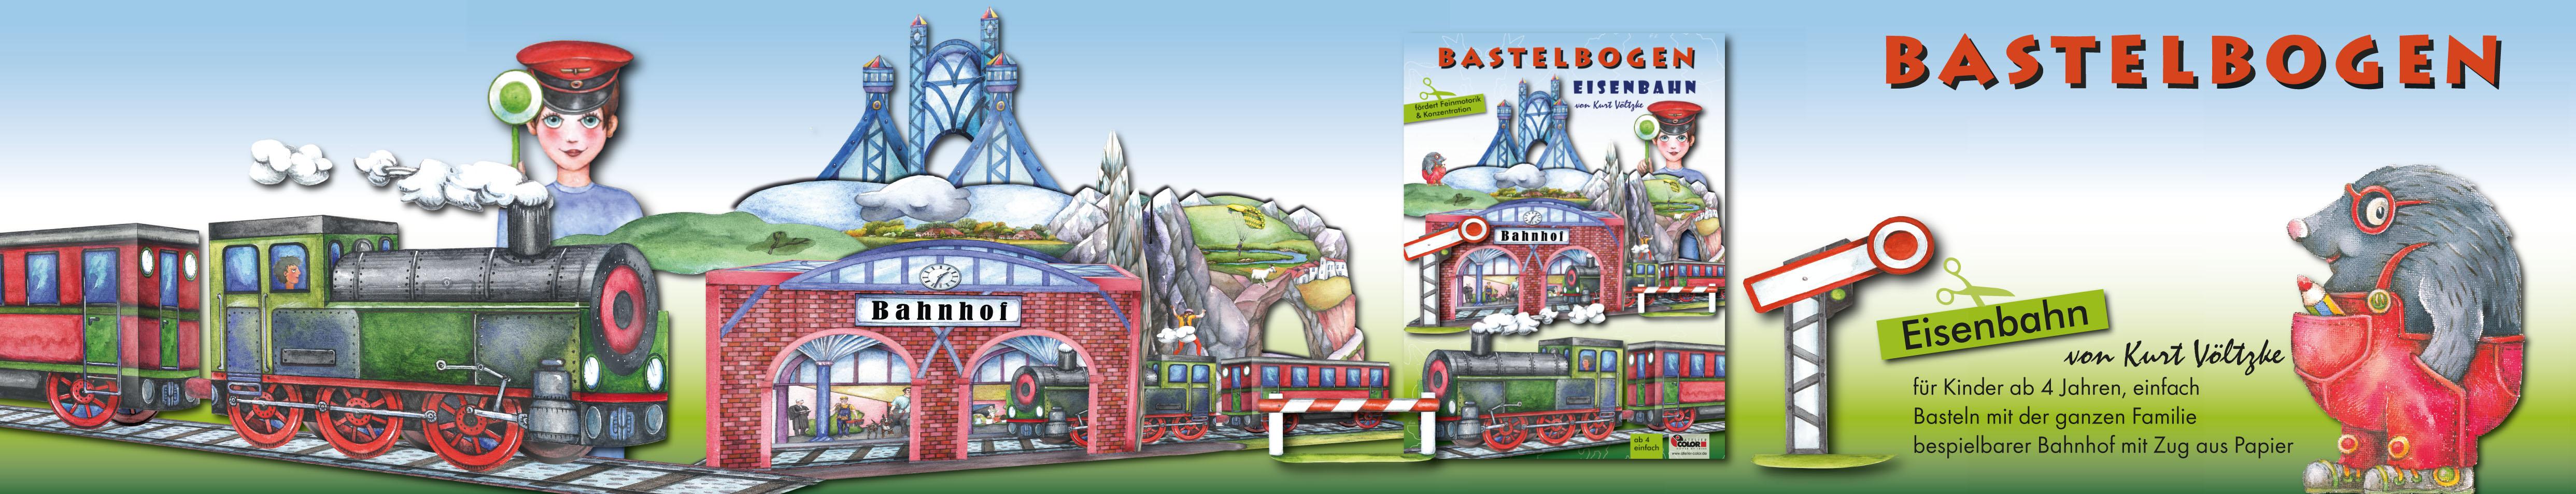 Bastelbogen Eisenbahn für Kinder